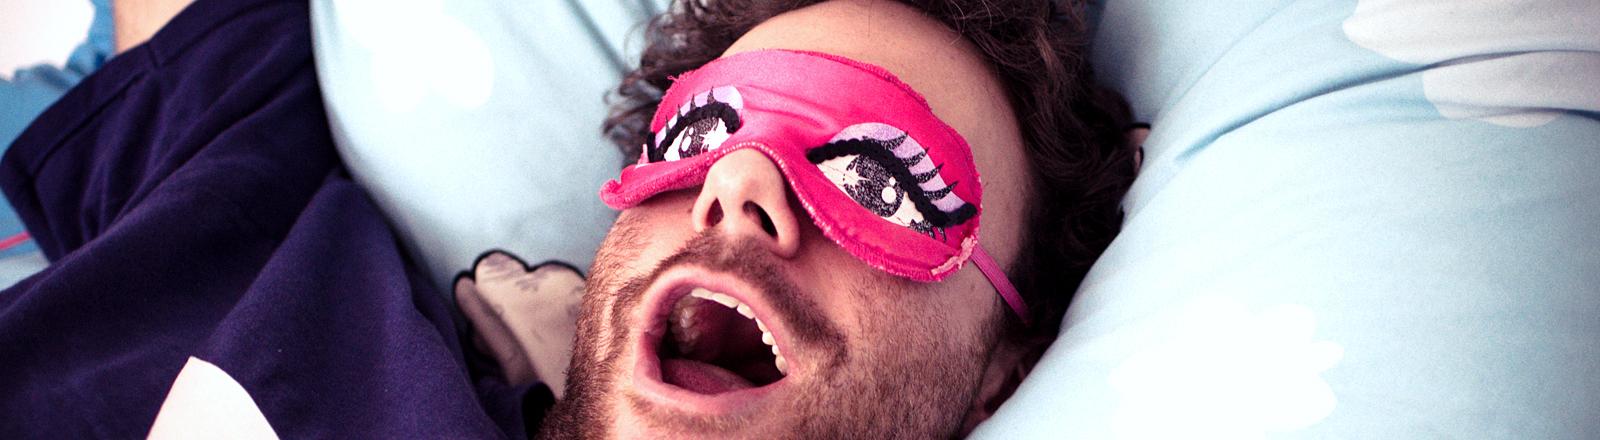 Mann liegt mit einer Schlafmaske im Bett.